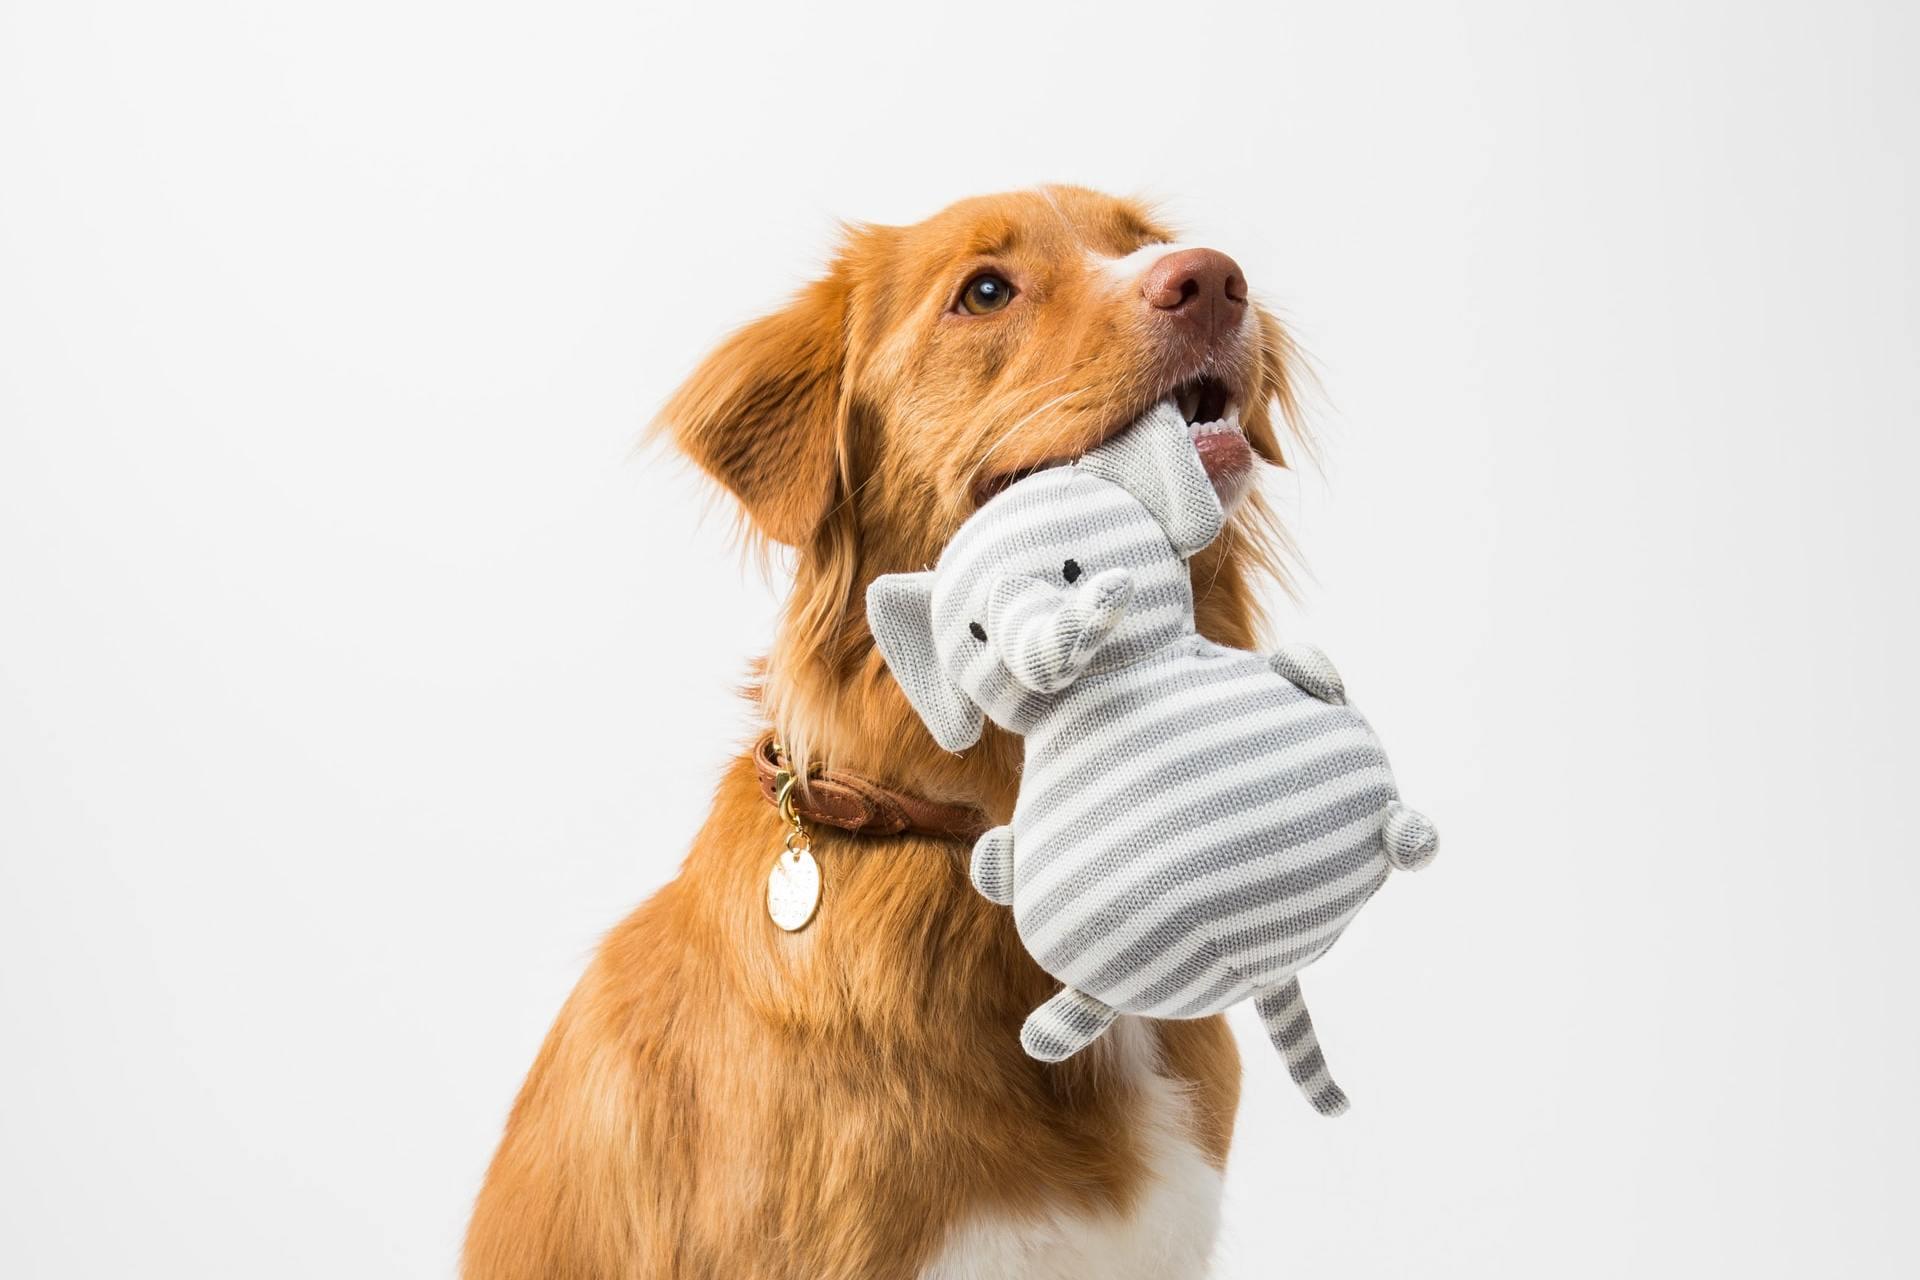 O cãozinho da foto está com um brinquedo cinza e branco — mas se fosse amarelo ou azul, ele também ia distinguir (Fonte: Unsplash)